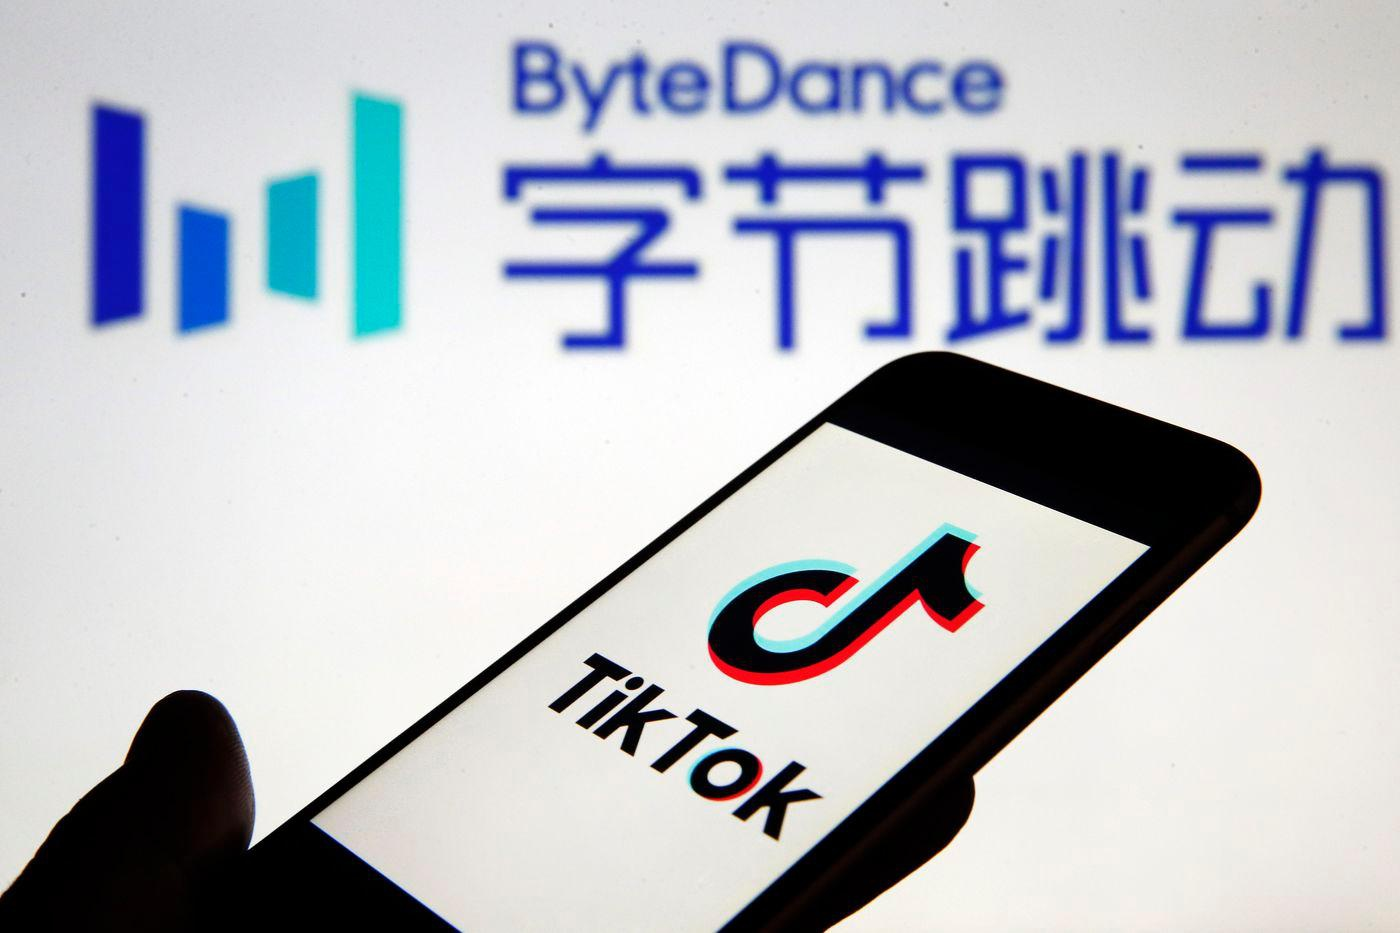 ByteDance sẽ biến TikTok thành sàn thương mại điện tử?